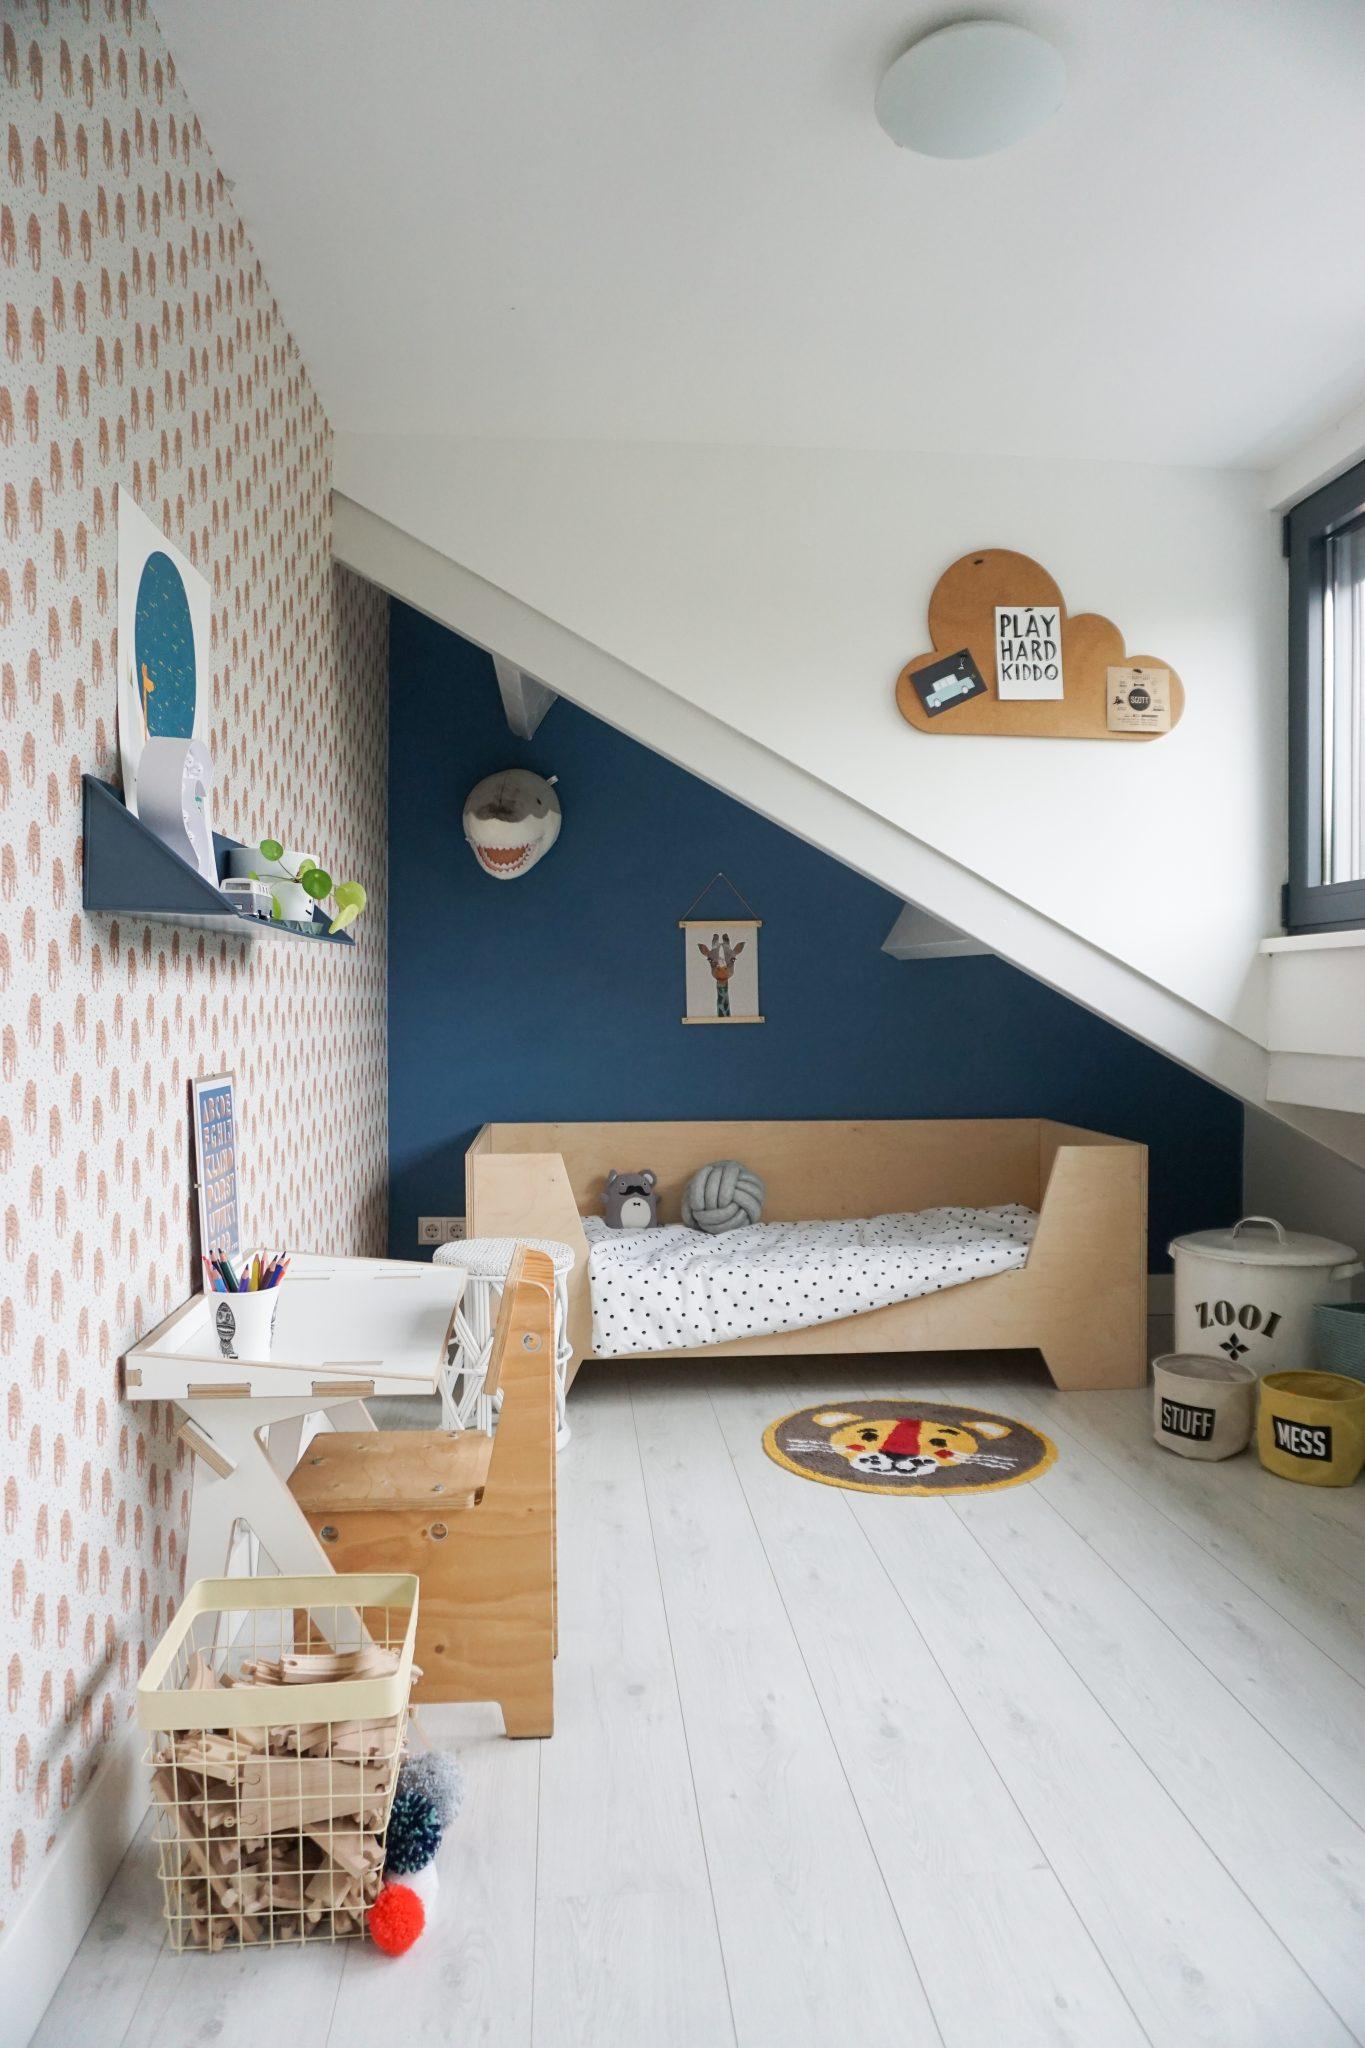 binnenkijken jongenskamer peuterbed interieurtrend kleurtrend kinderkamer babykamer 2019